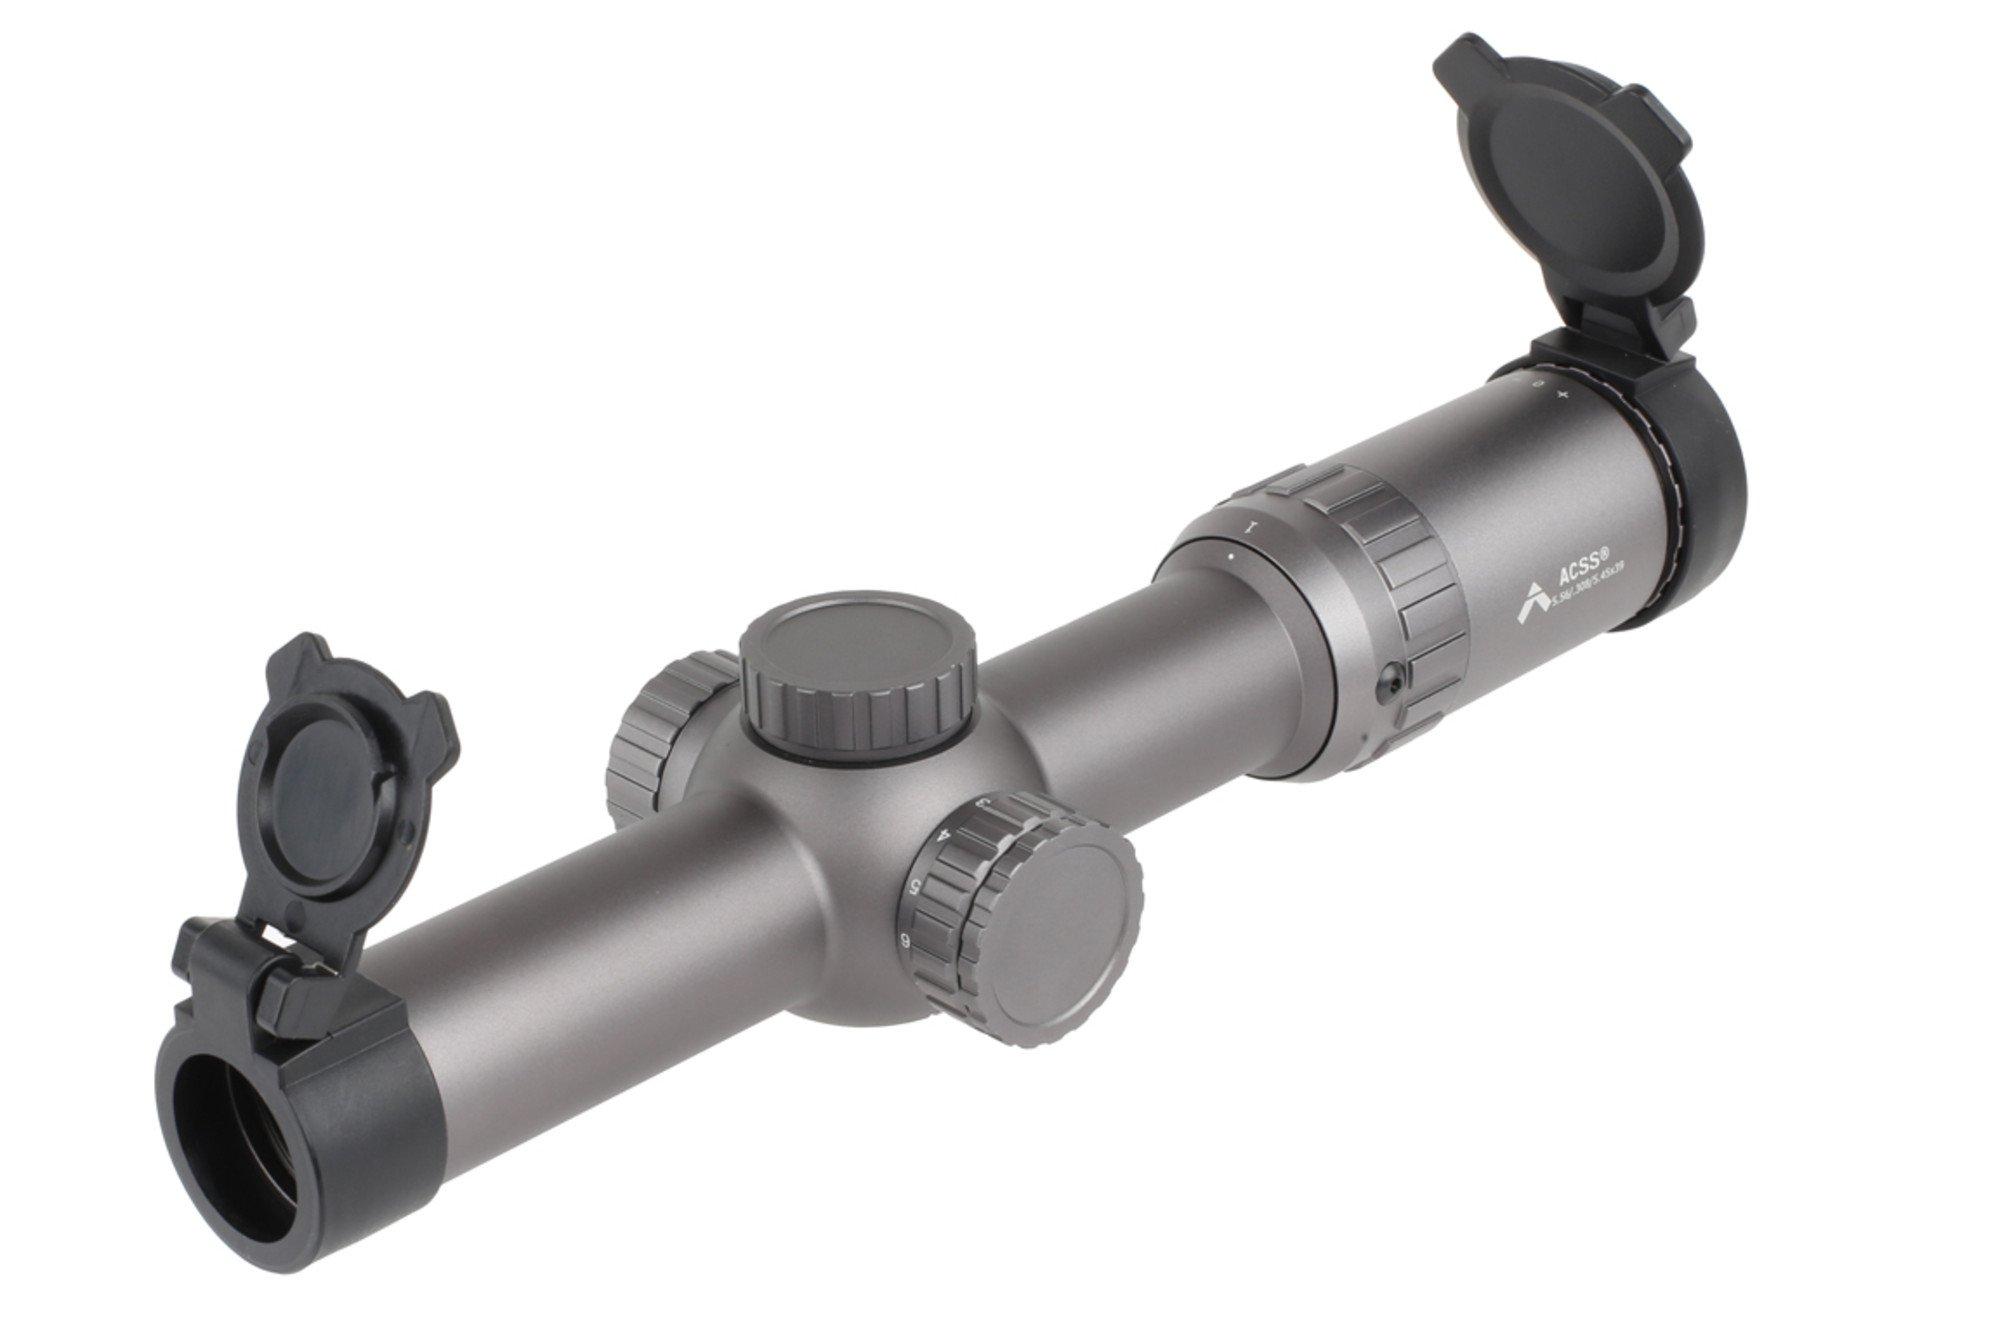 Buy GRG Krinkov Style AR  308 5/8x24 Muzzle Balance Brake Device W